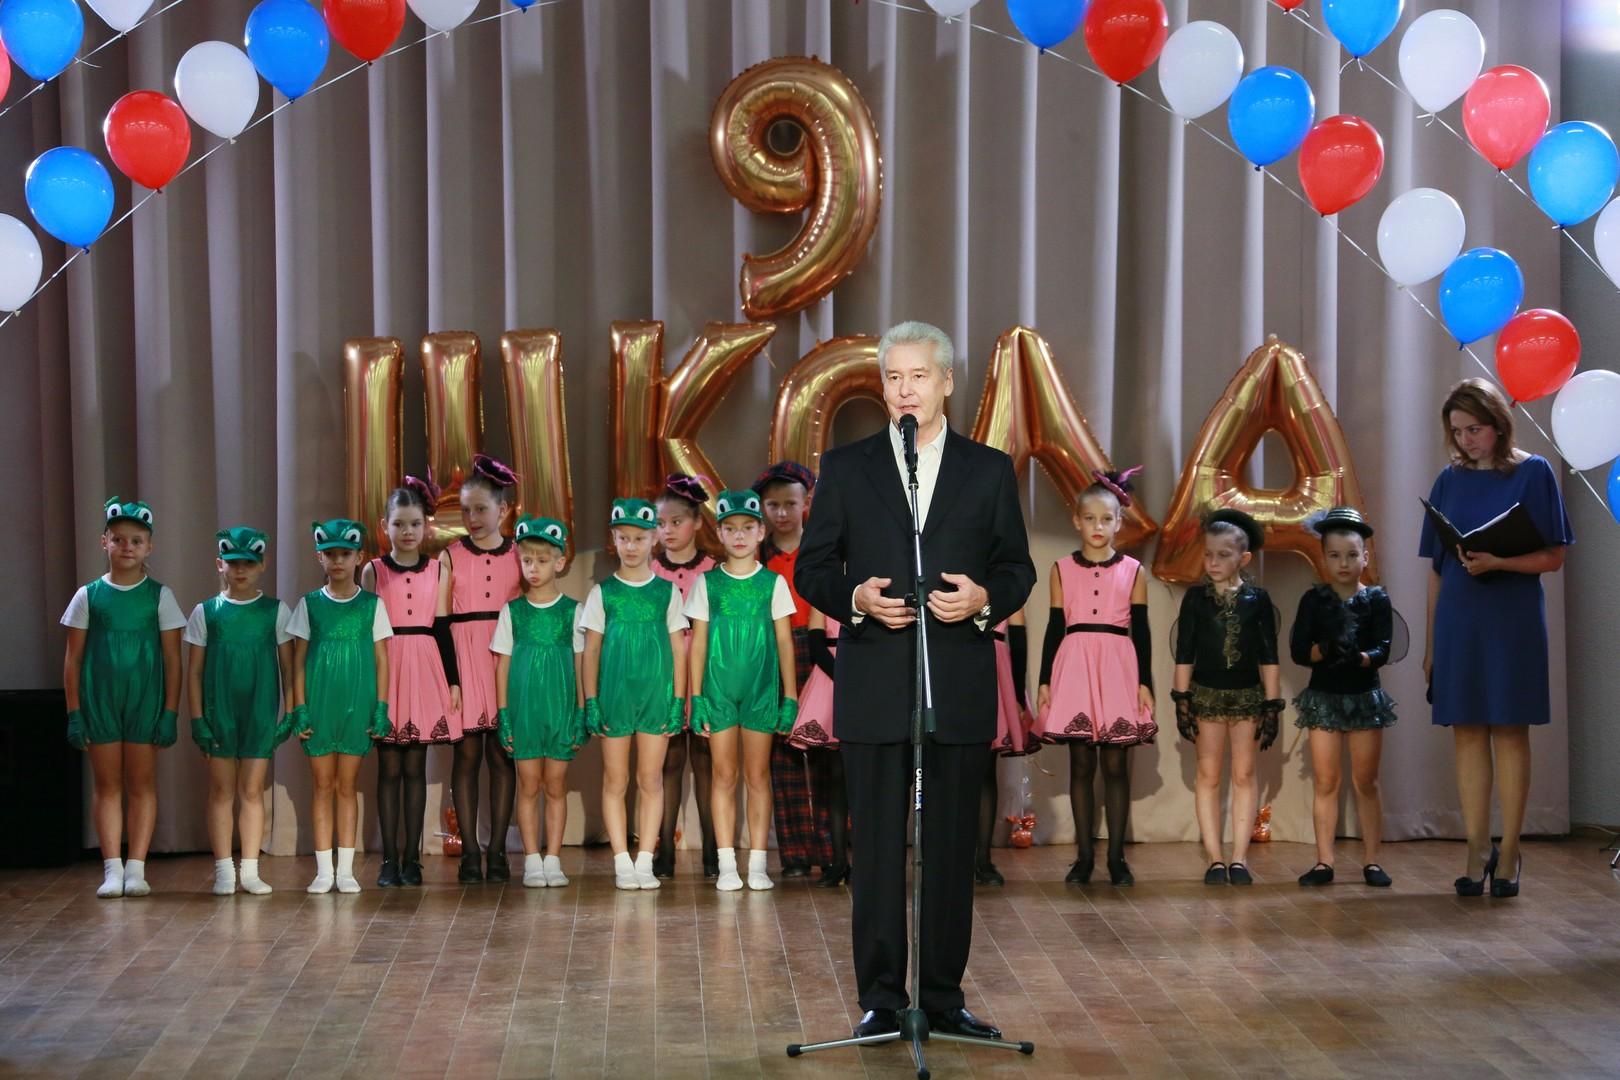 Der Bürgermeister von Moskau, Sergej Sobjanin, besucht das Konzert in der Schule Nr. 9 in Moskau.